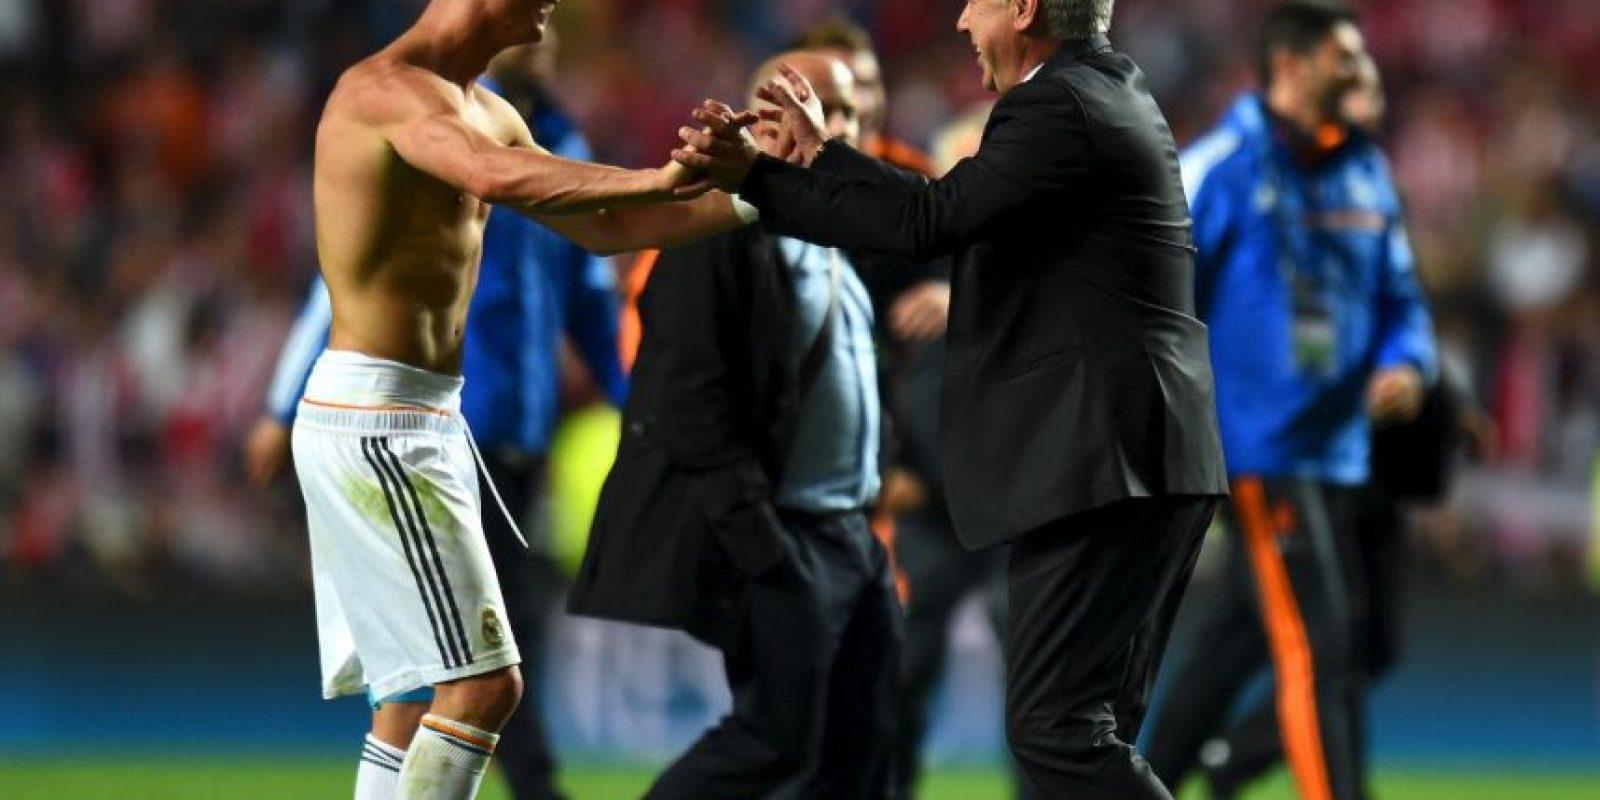 La Copa del Rey, Champions League, Supercopa de Europa y Mundial de Clubes en 2014. Foto:Getty Images